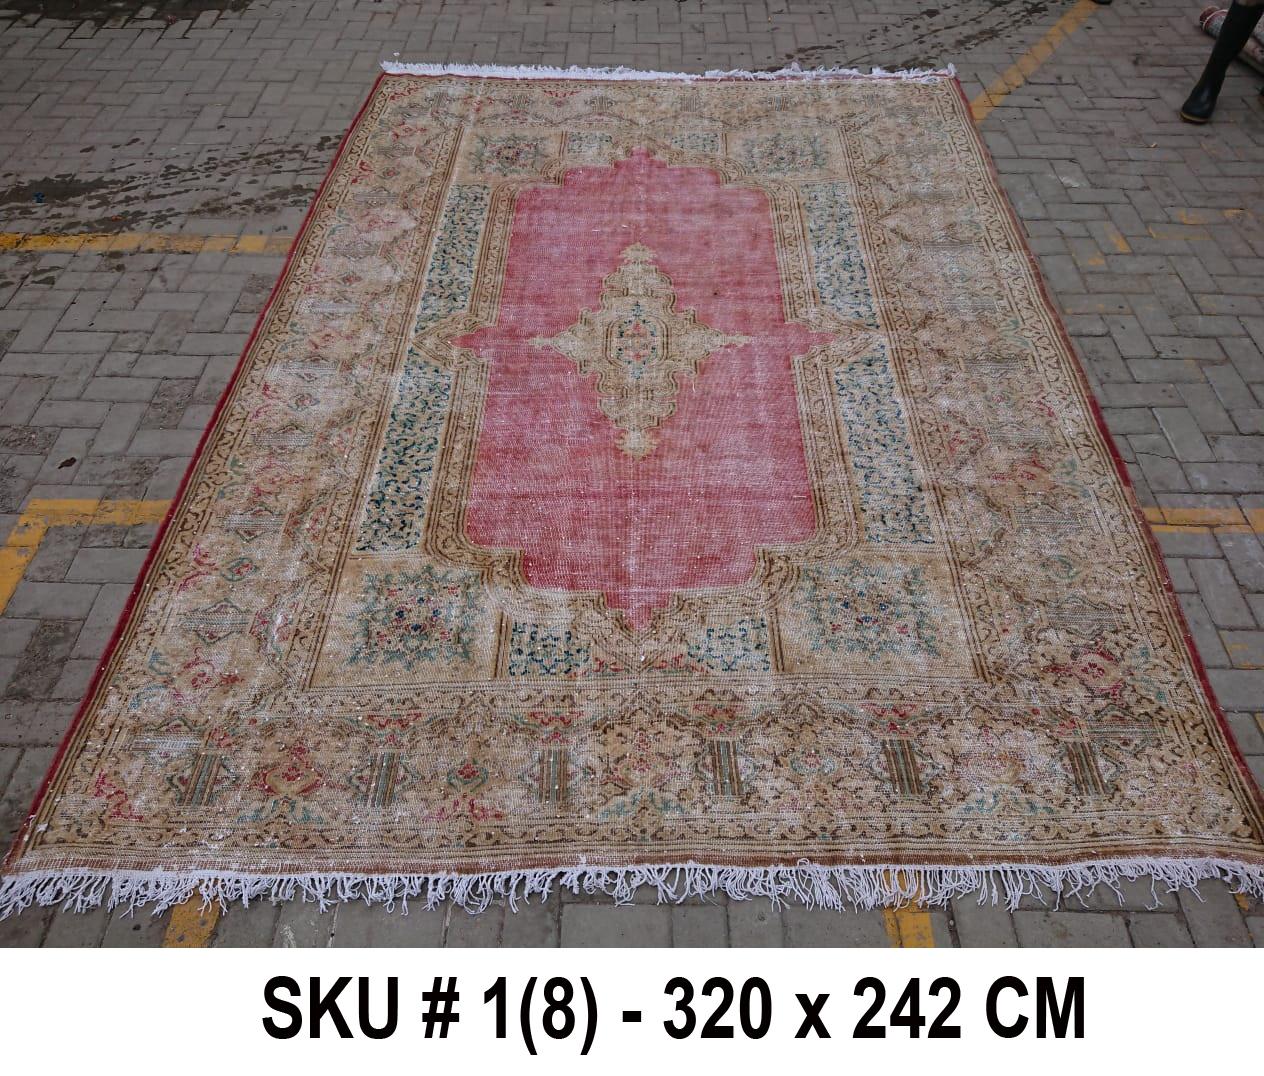 Vintage vloerkleed zandkleur met rood, nr.59006, 320cm x 242cm